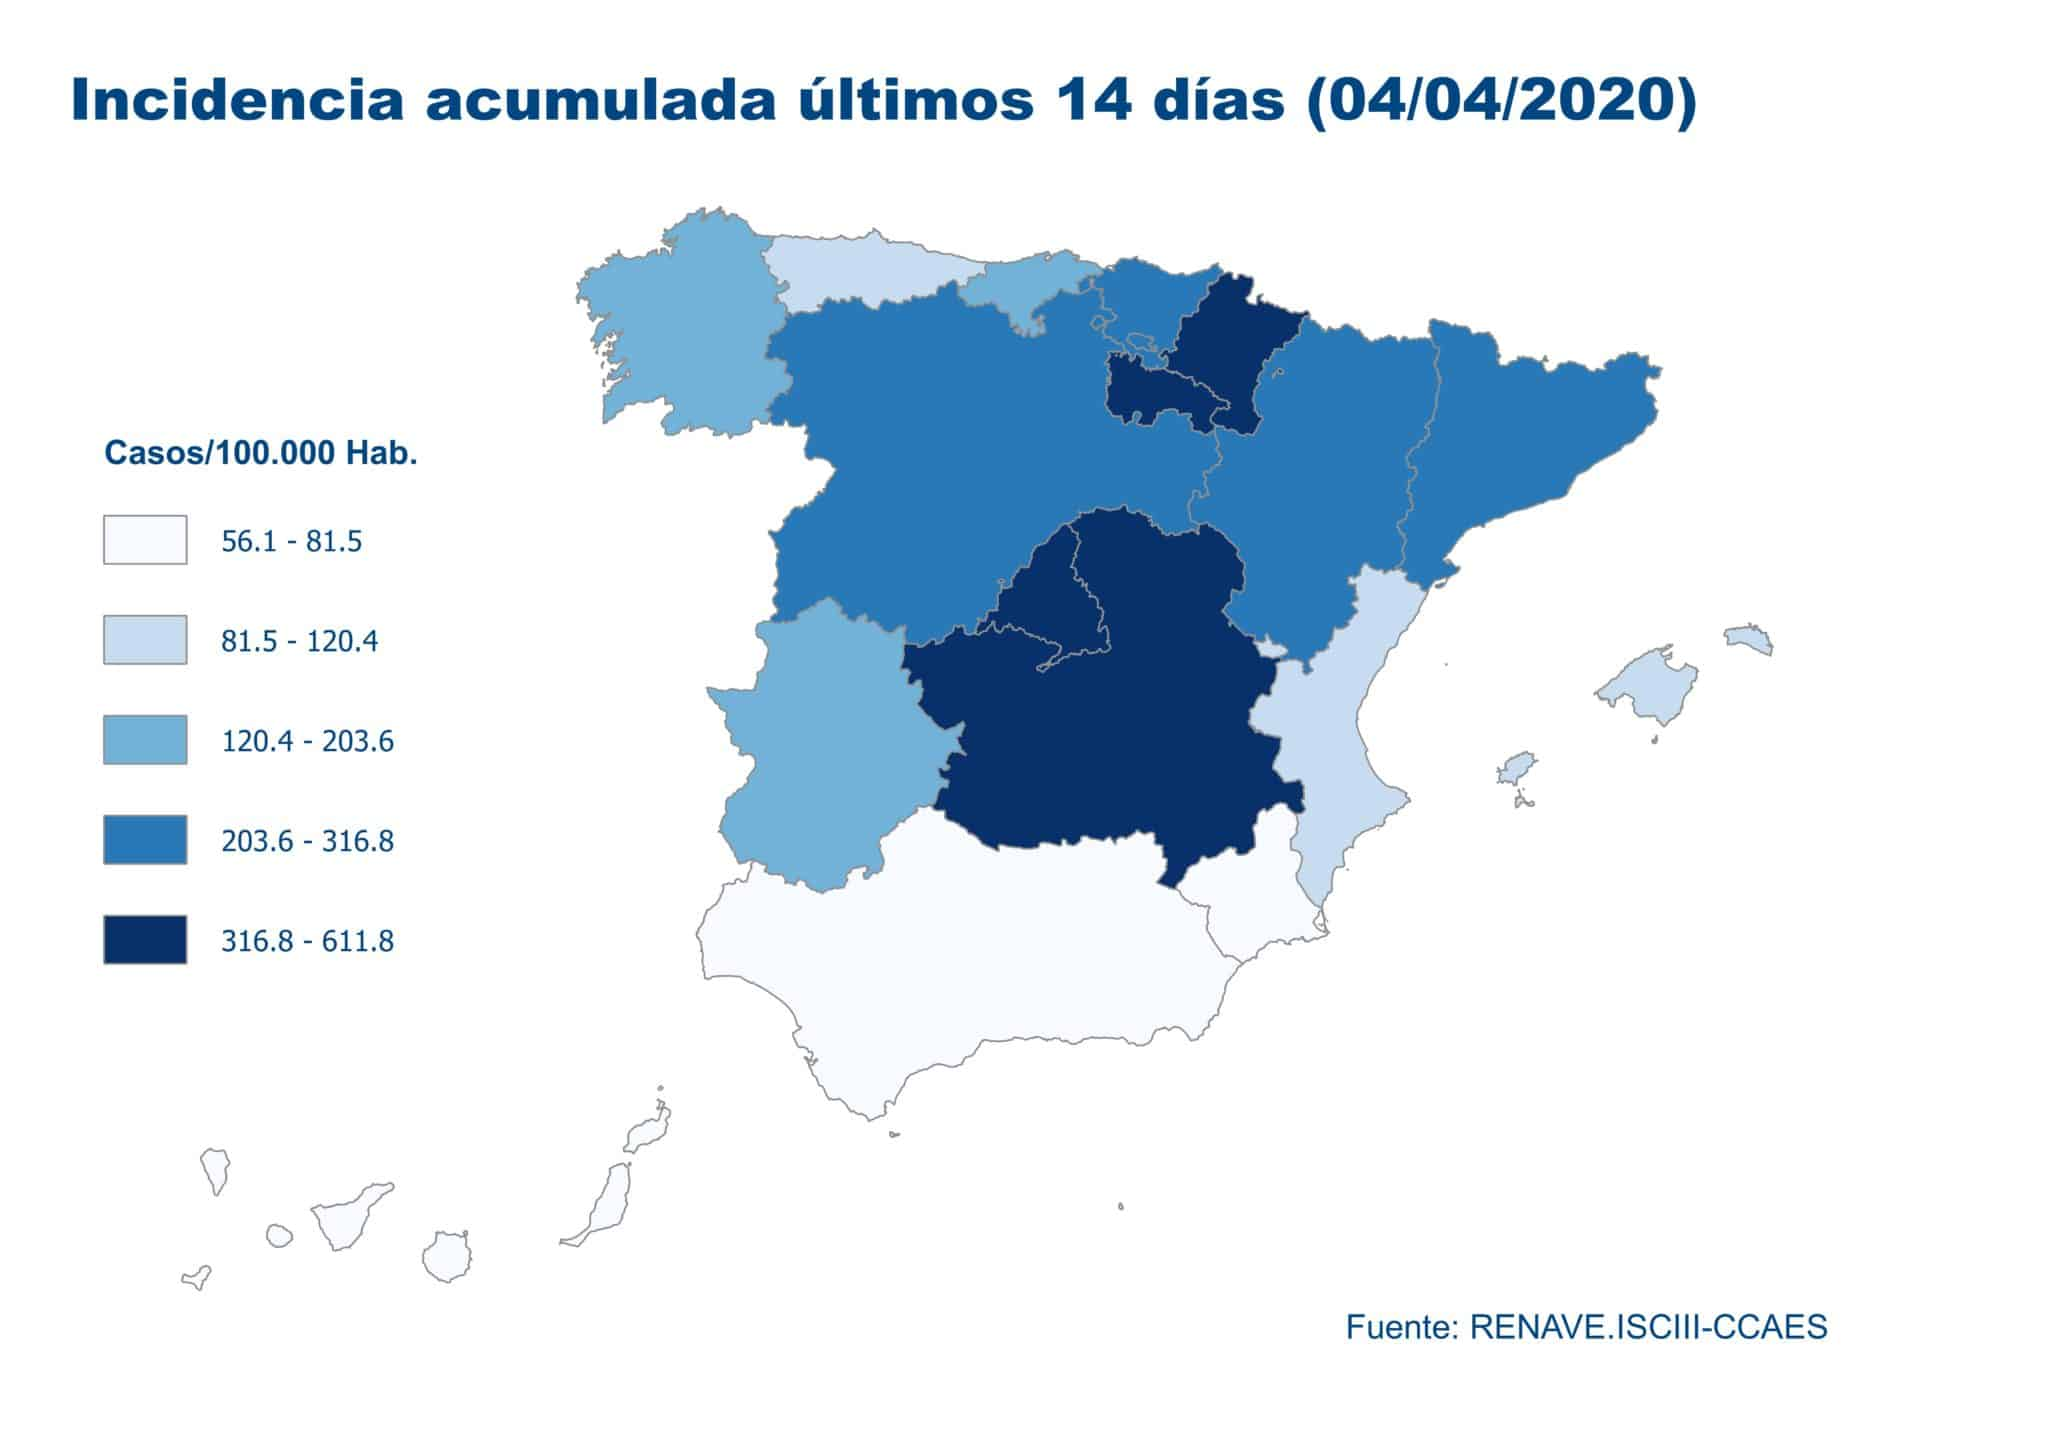 La Rioja sufre seis nuevos fallecimientos y suma 181 nuevos positivos por coronavirus 6